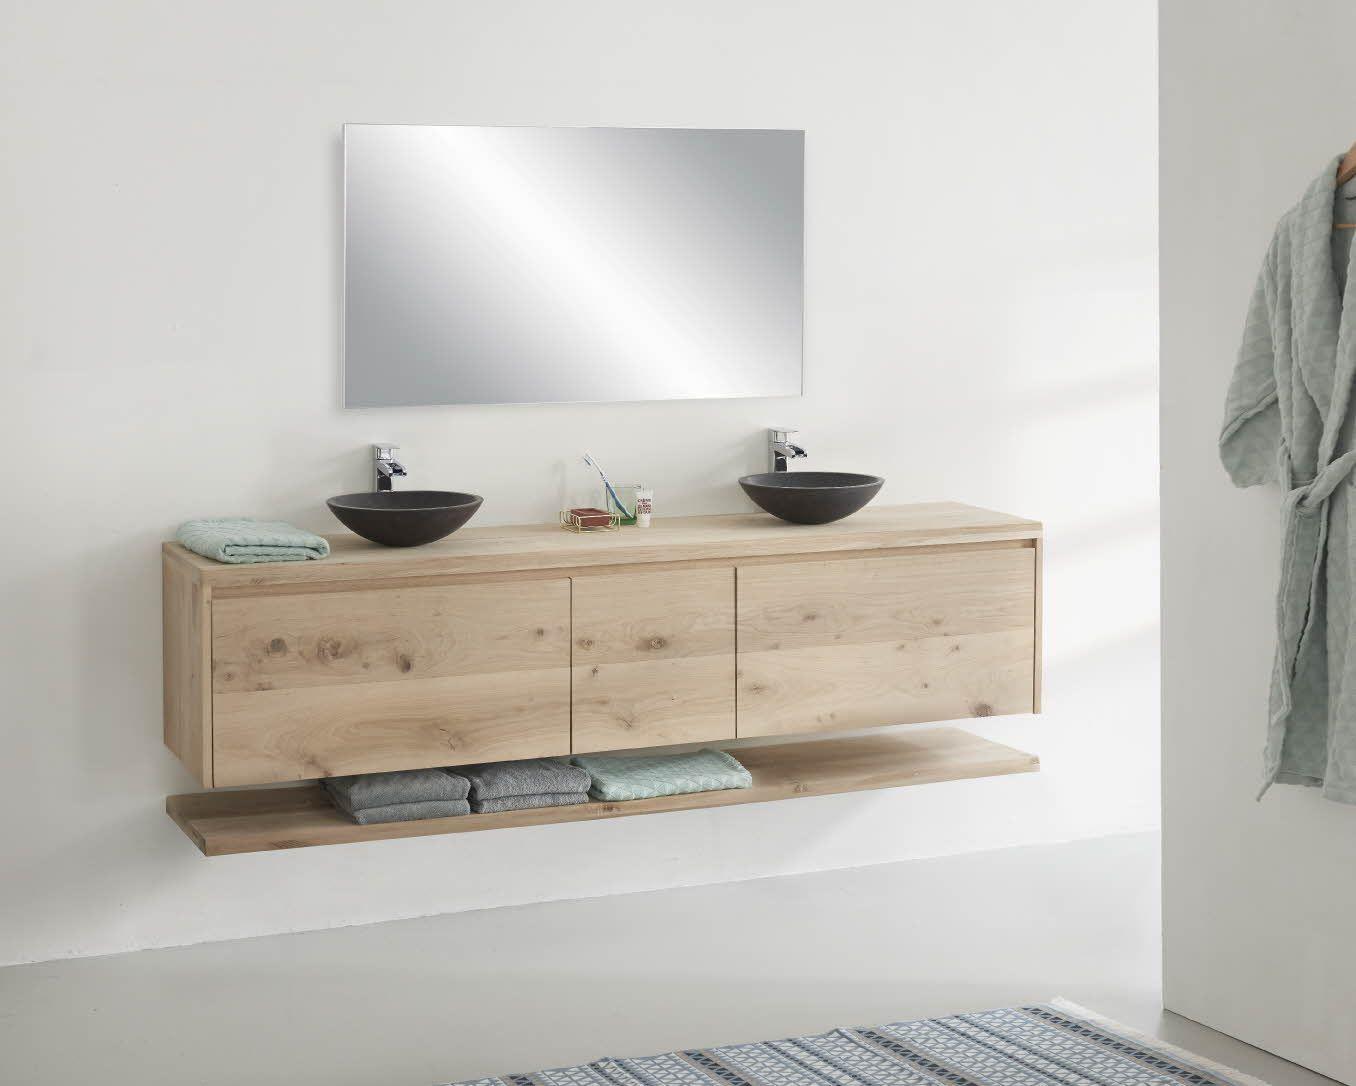 Badkamer Meubel Duitsland : Maak een designer tv meubel van eikenhout bathroom